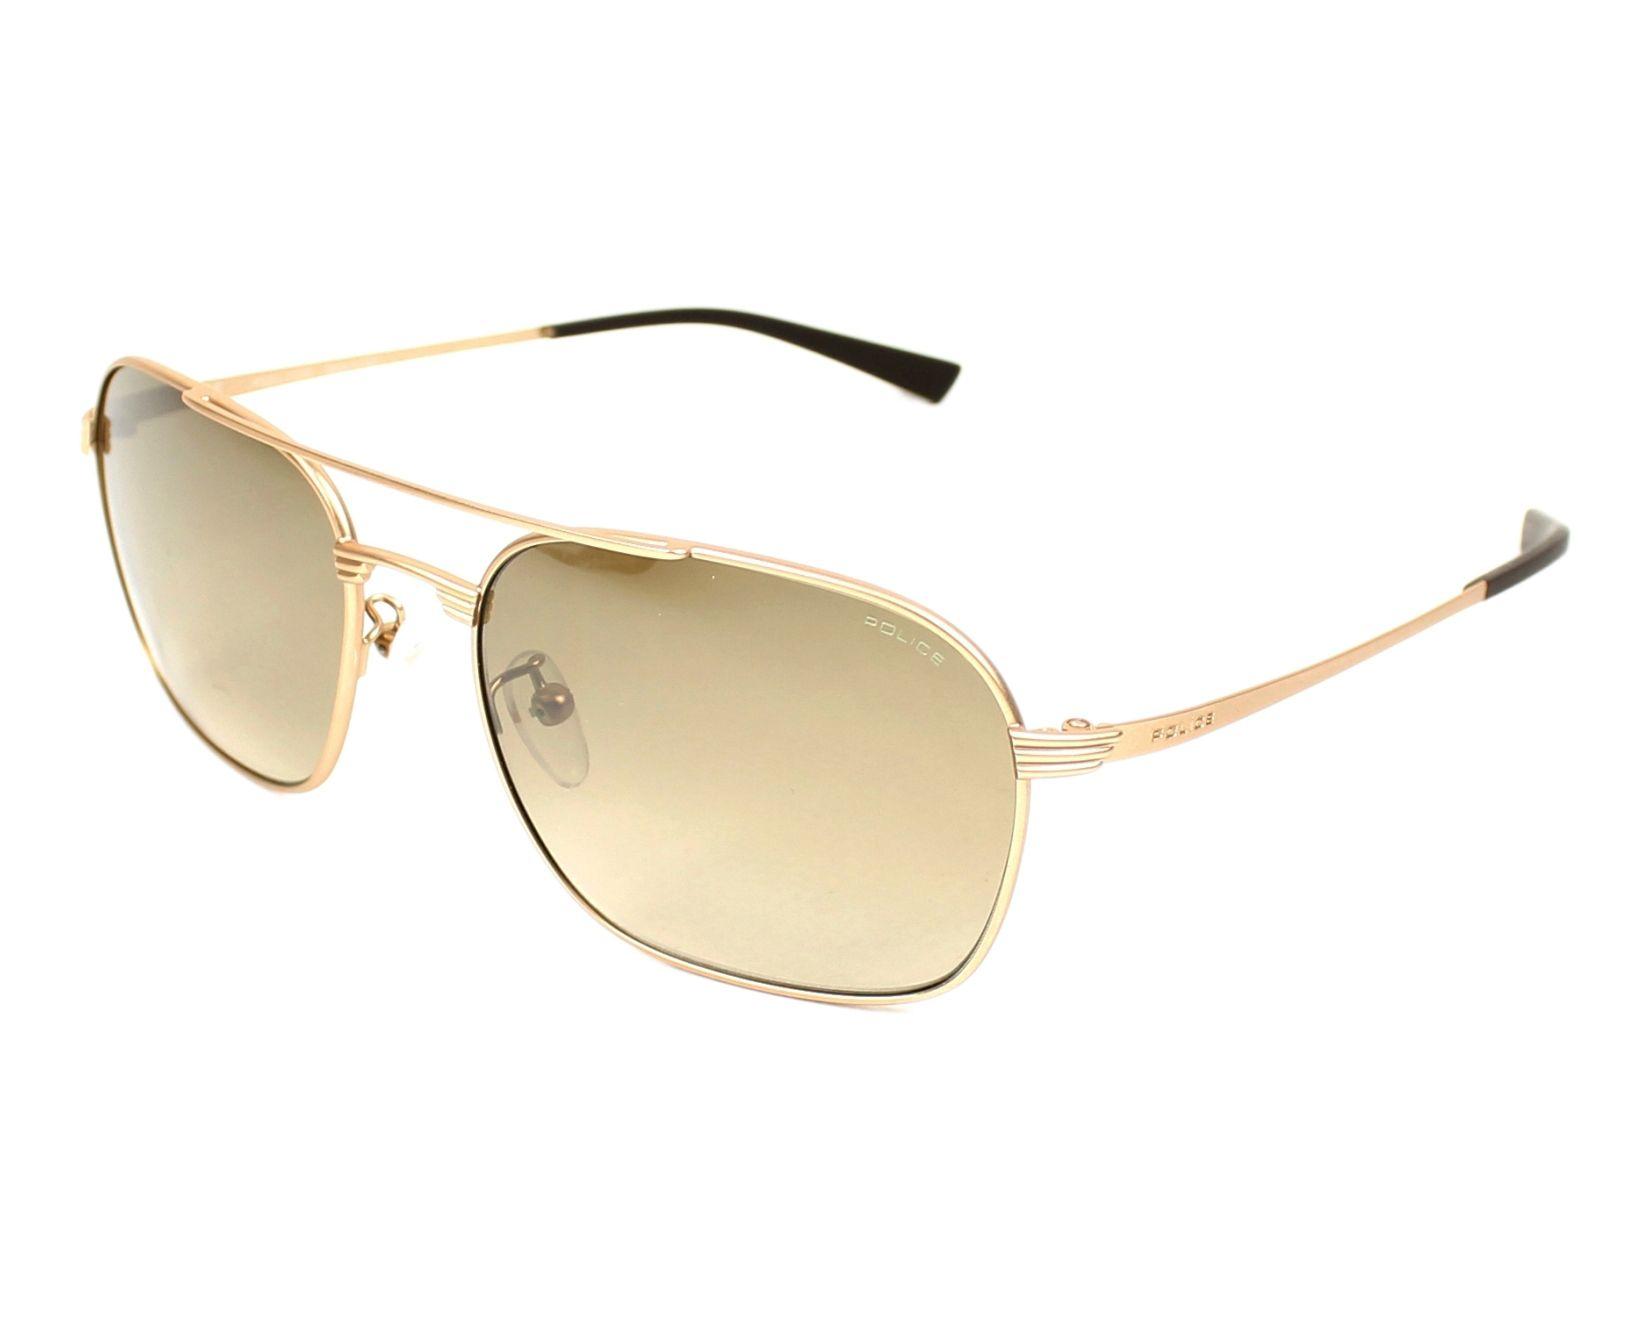 lunettes de soleil police s 8952 648x or avec des verres marron pour hommes. Black Bedroom Furniture Sets. Home Design Ideas